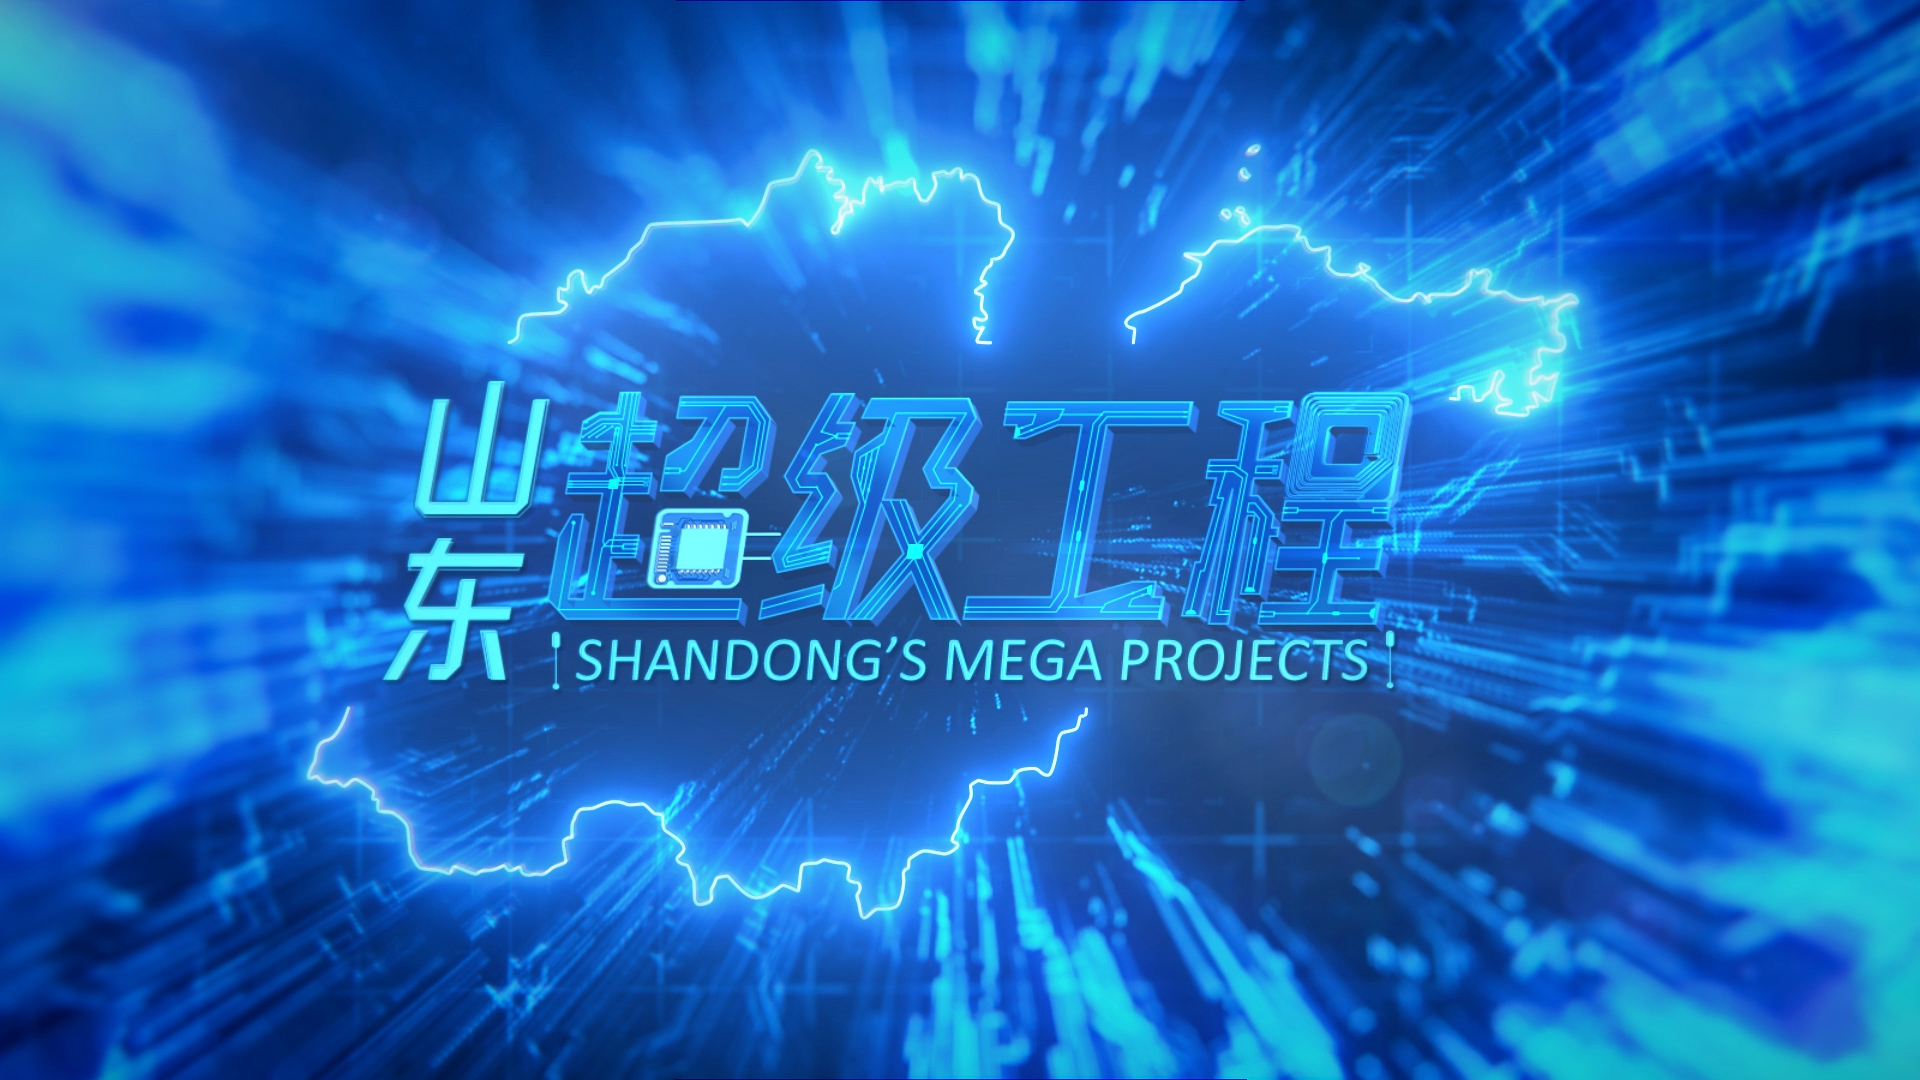 《山东超级工程》系列微纪录片9月15日开播